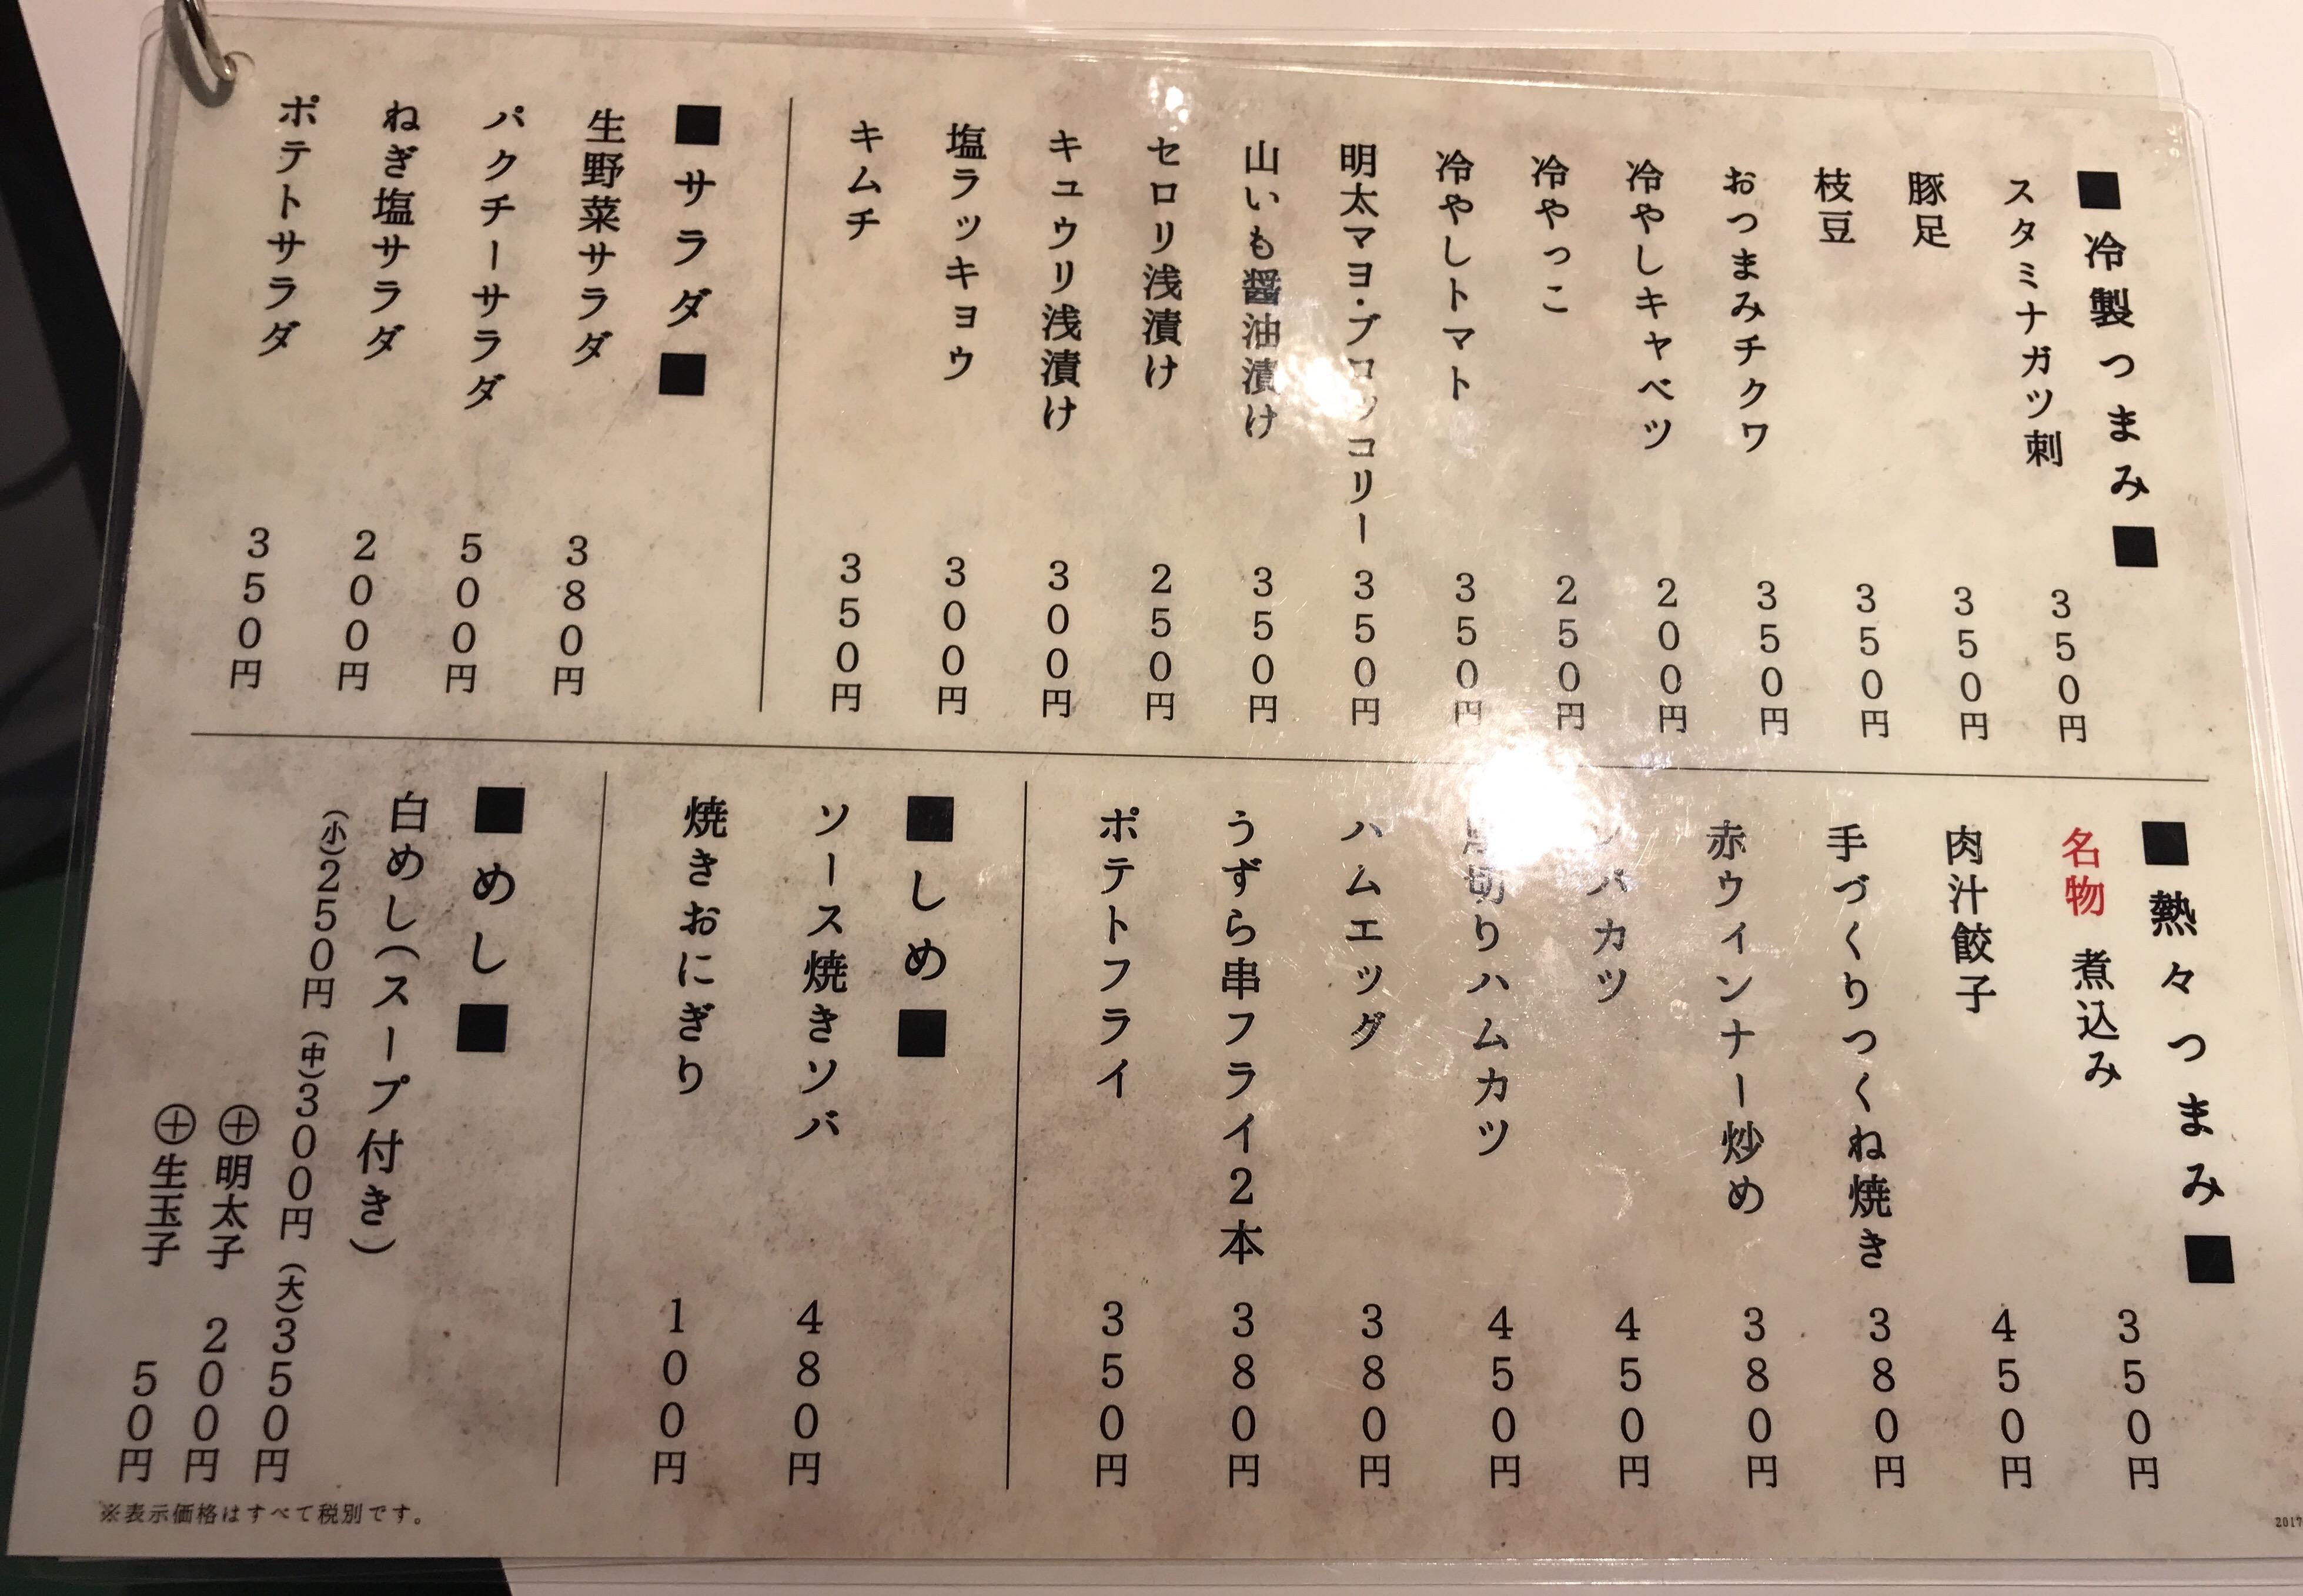 やるきホルモン 新宿肉横丁 新宿名店横丁 メニュー